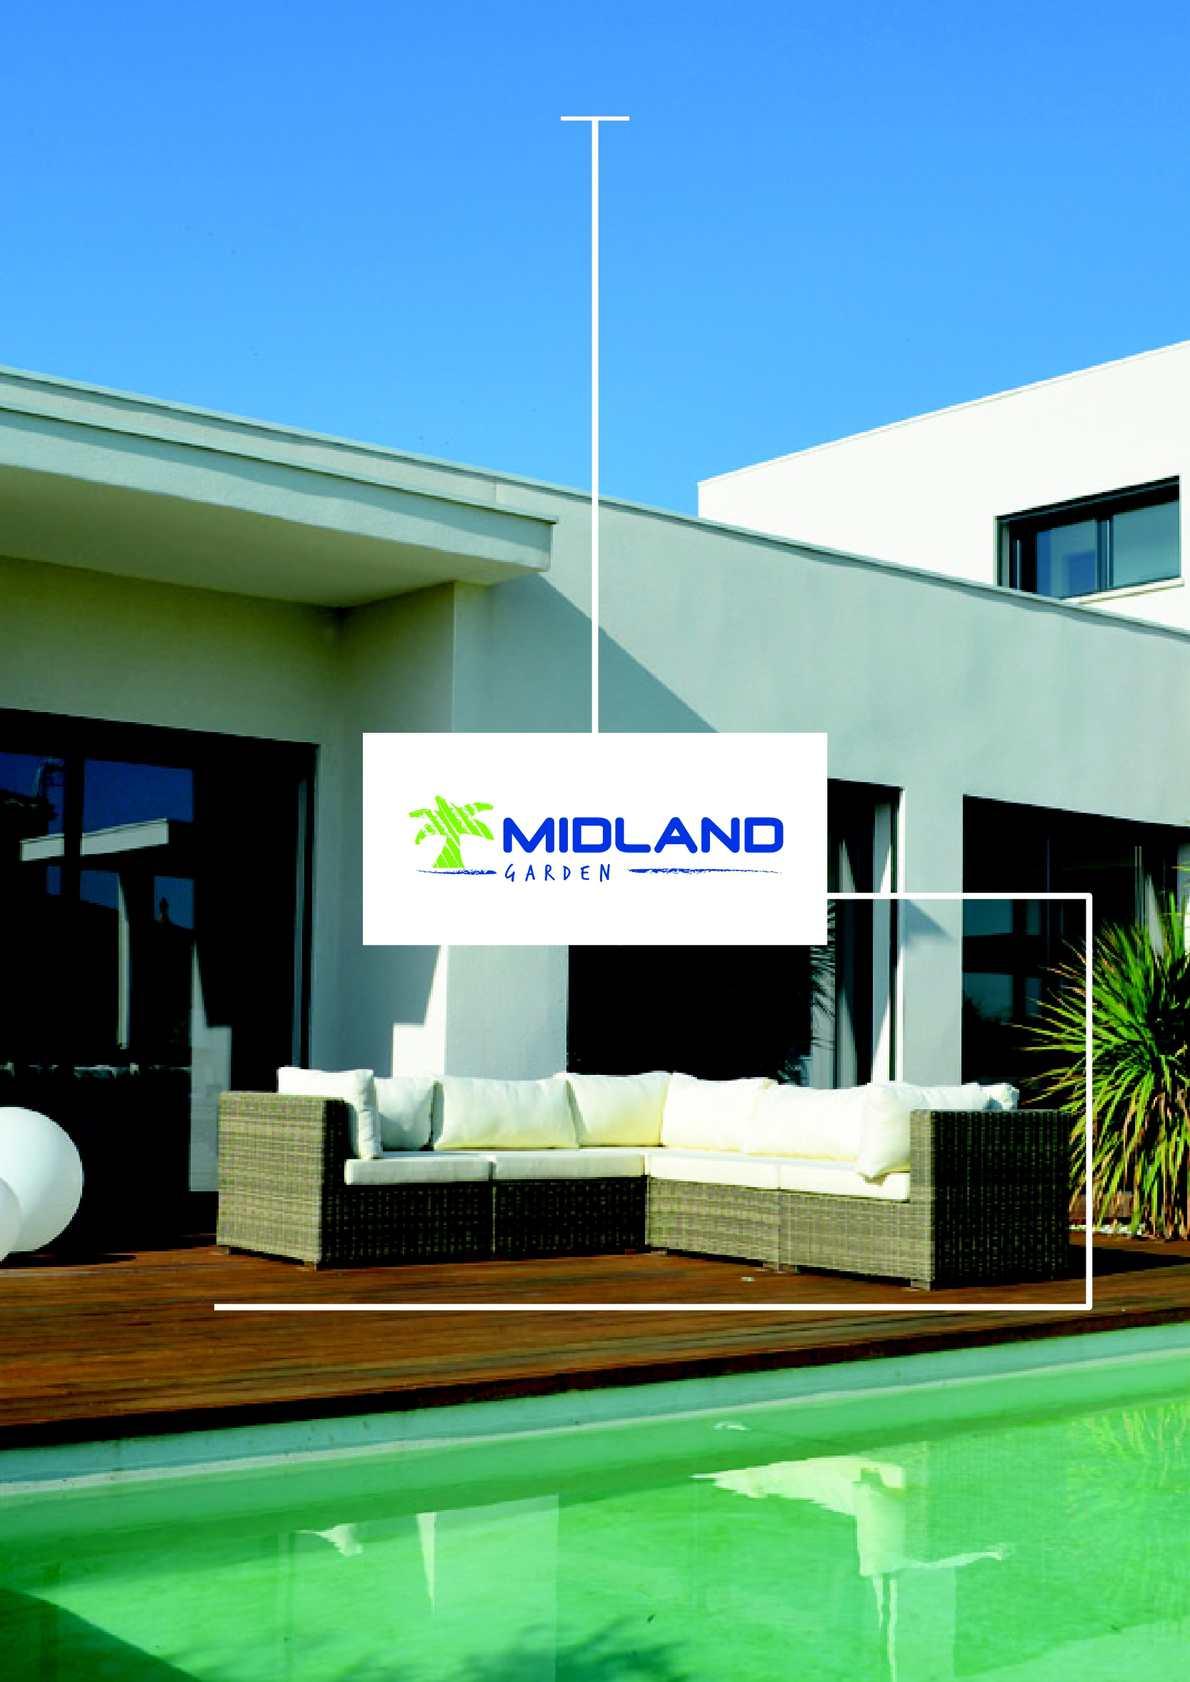 Garden Collection Collection Calaméo Midland Midland Calaméo Collection Garden Calaméo ulcT1FKJ3